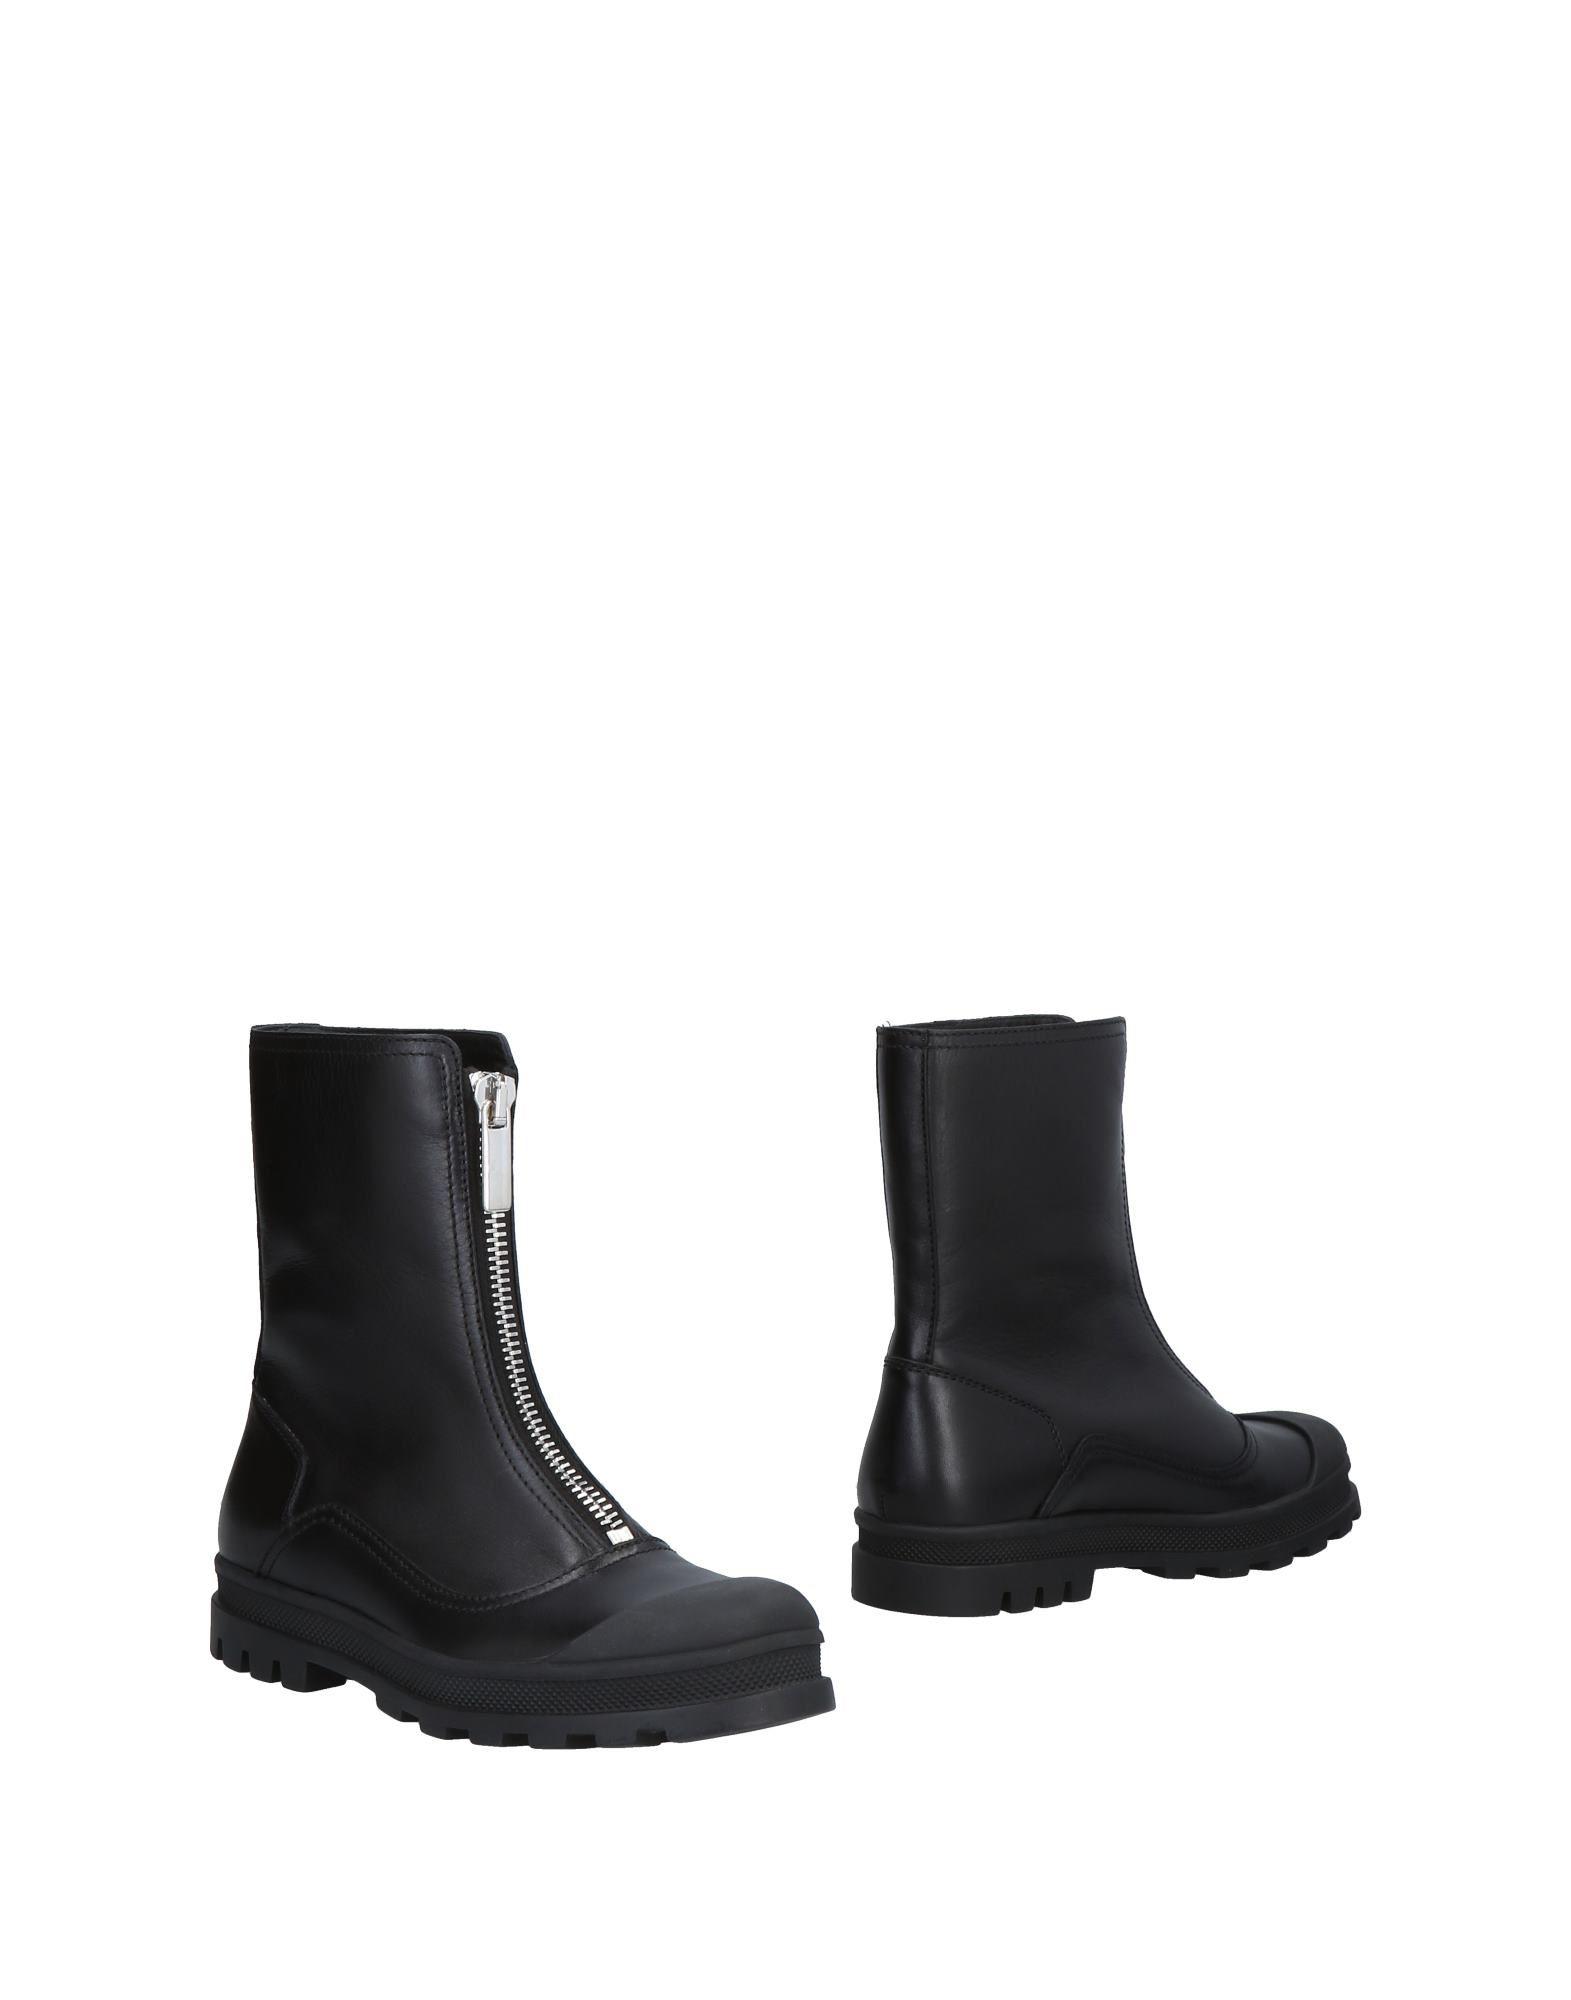 Rabatt Schuhe Diesel Black Gold Stiefelette Damen  11485729JL